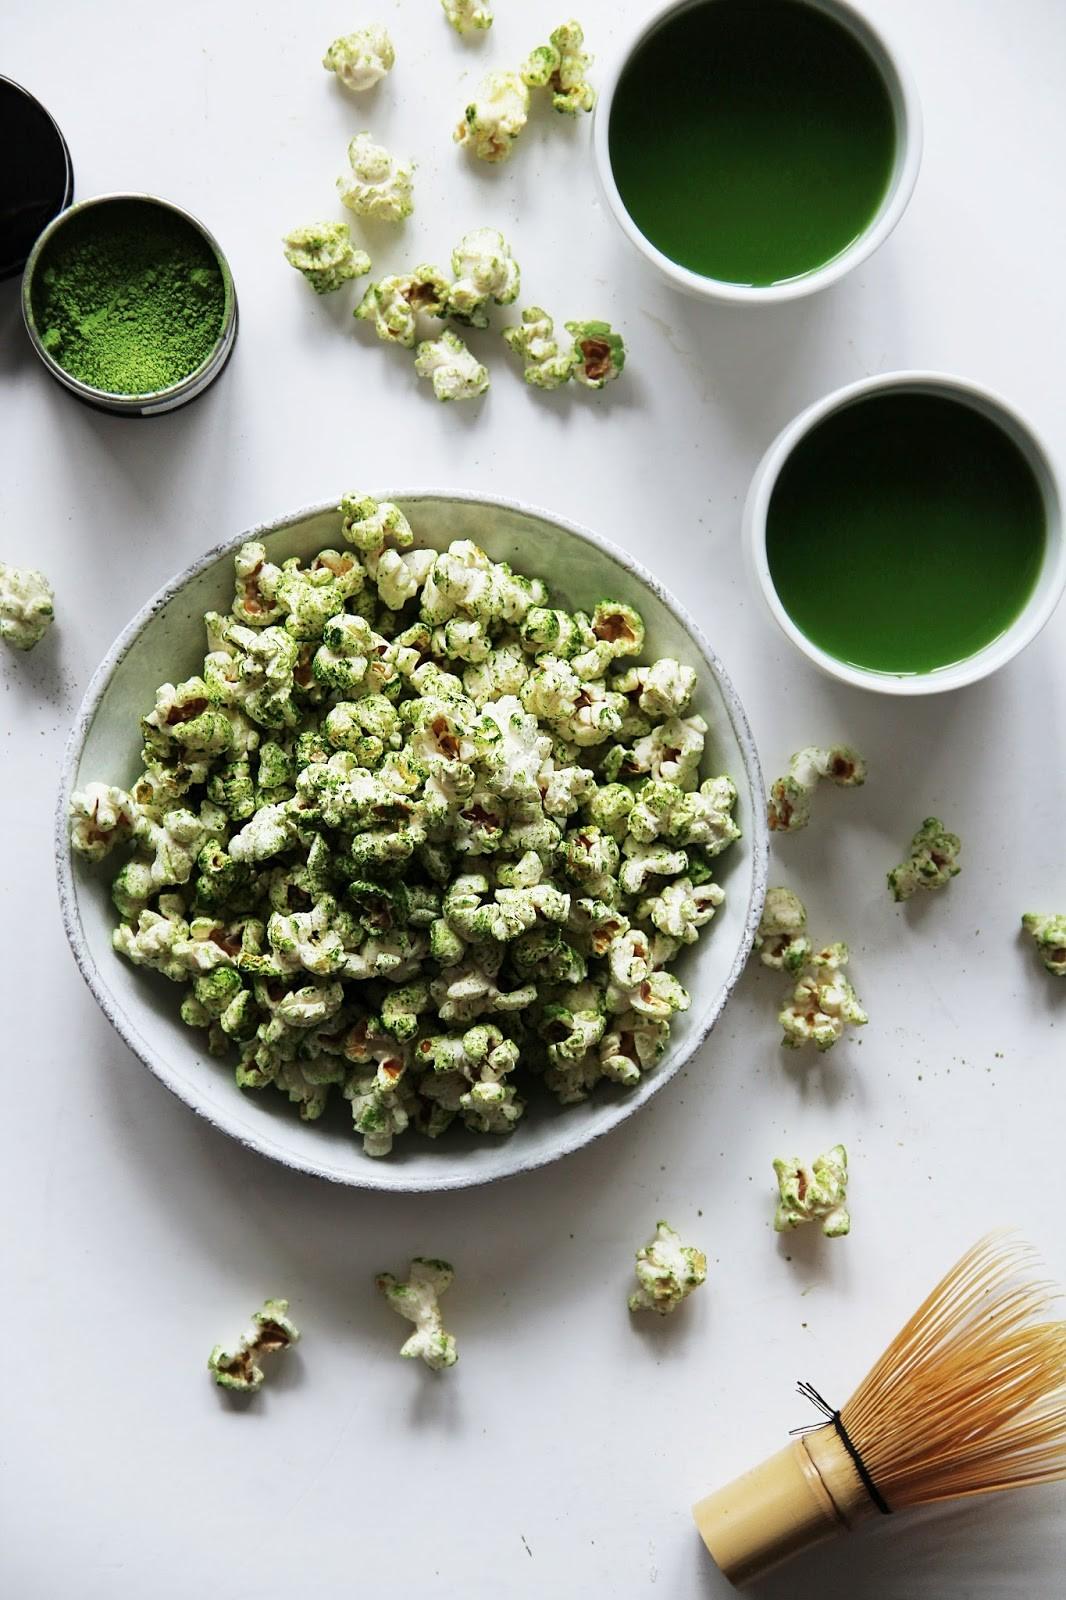 وصفات للفشار - طريقة عمل الفشار بشاي الماتشا الأخضر